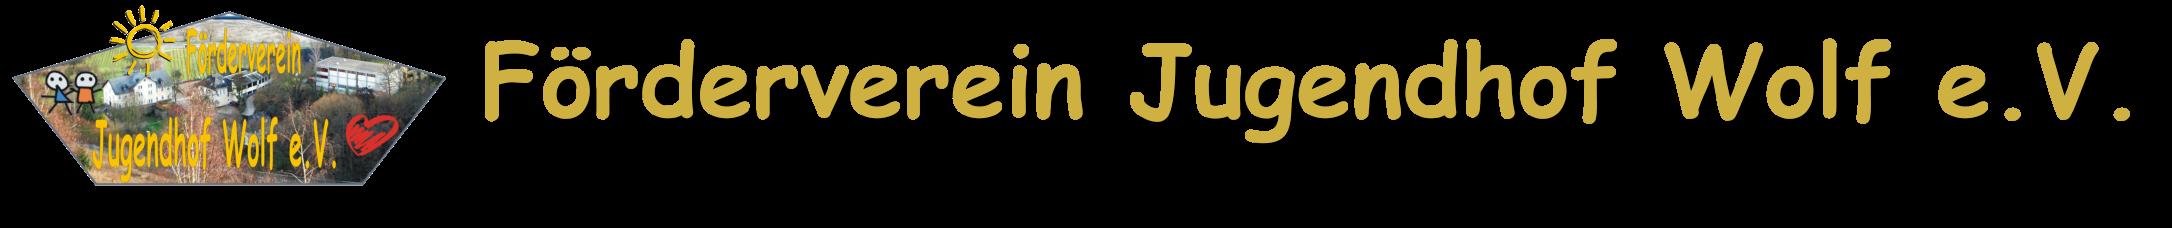 Jugendhof Wolf